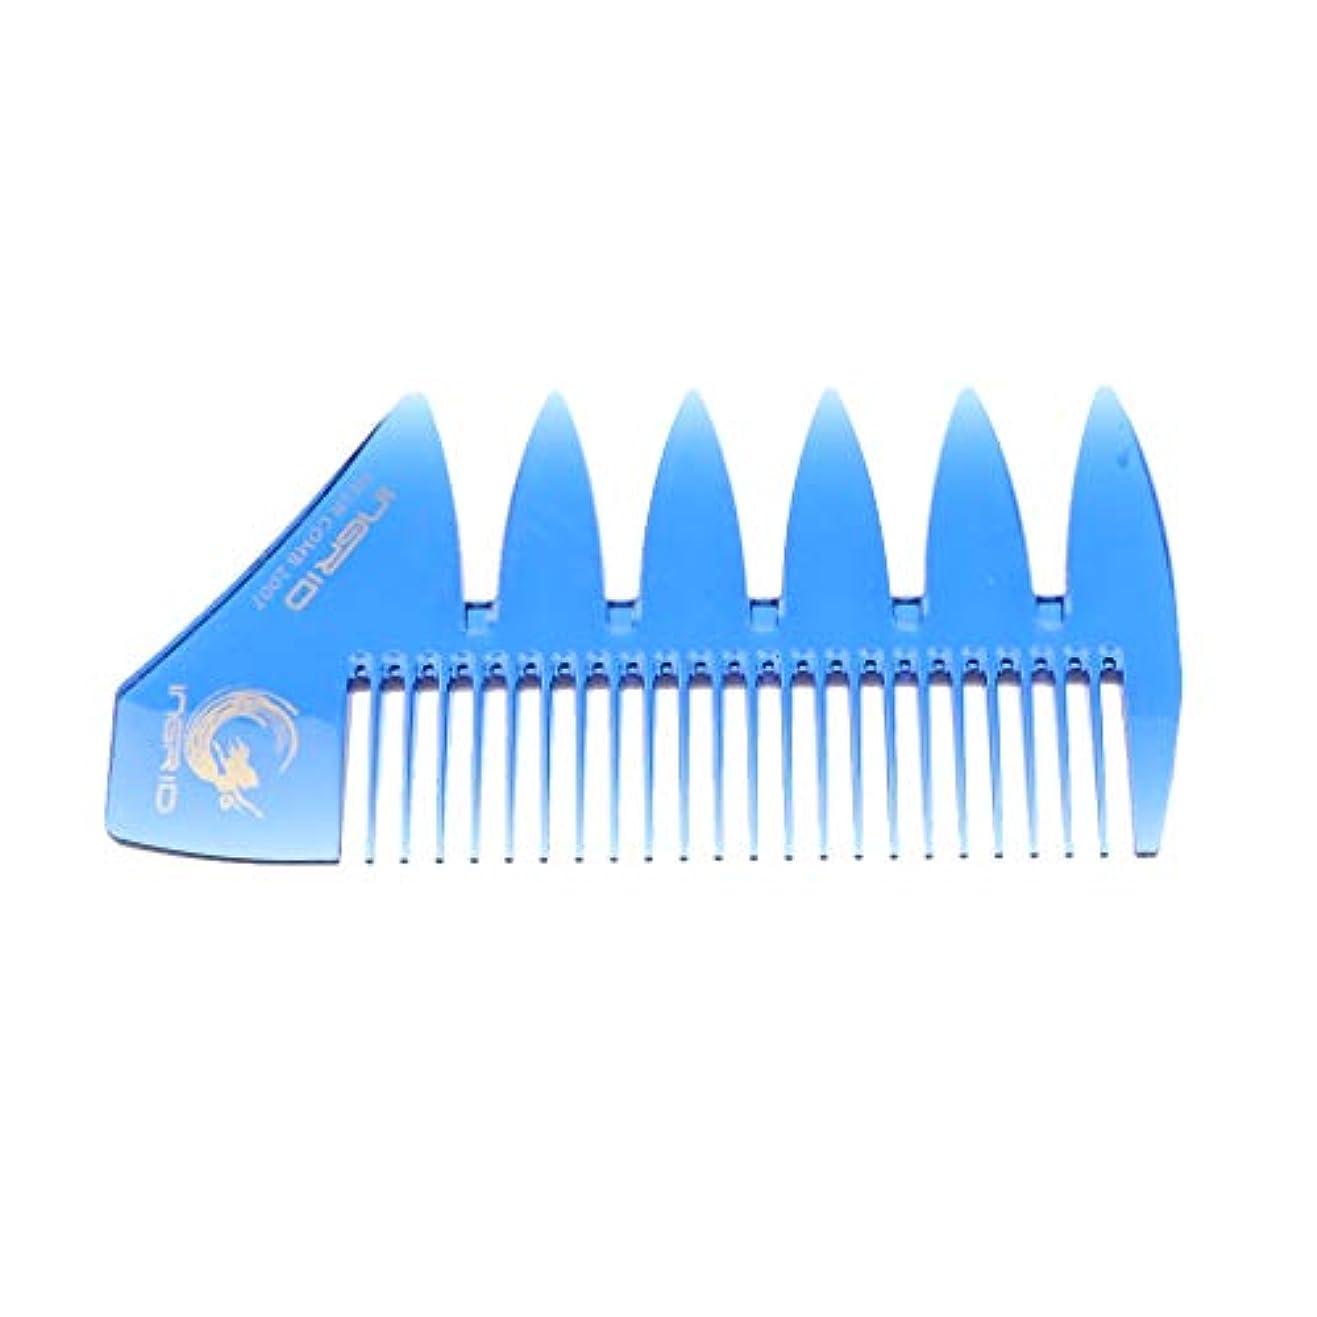 賛辞ゴミ箱マオリプラスチック製 コーム 髪 櫛 くし 携帯用 ヘアケア メンズ & レディース 全4色 - ブルー